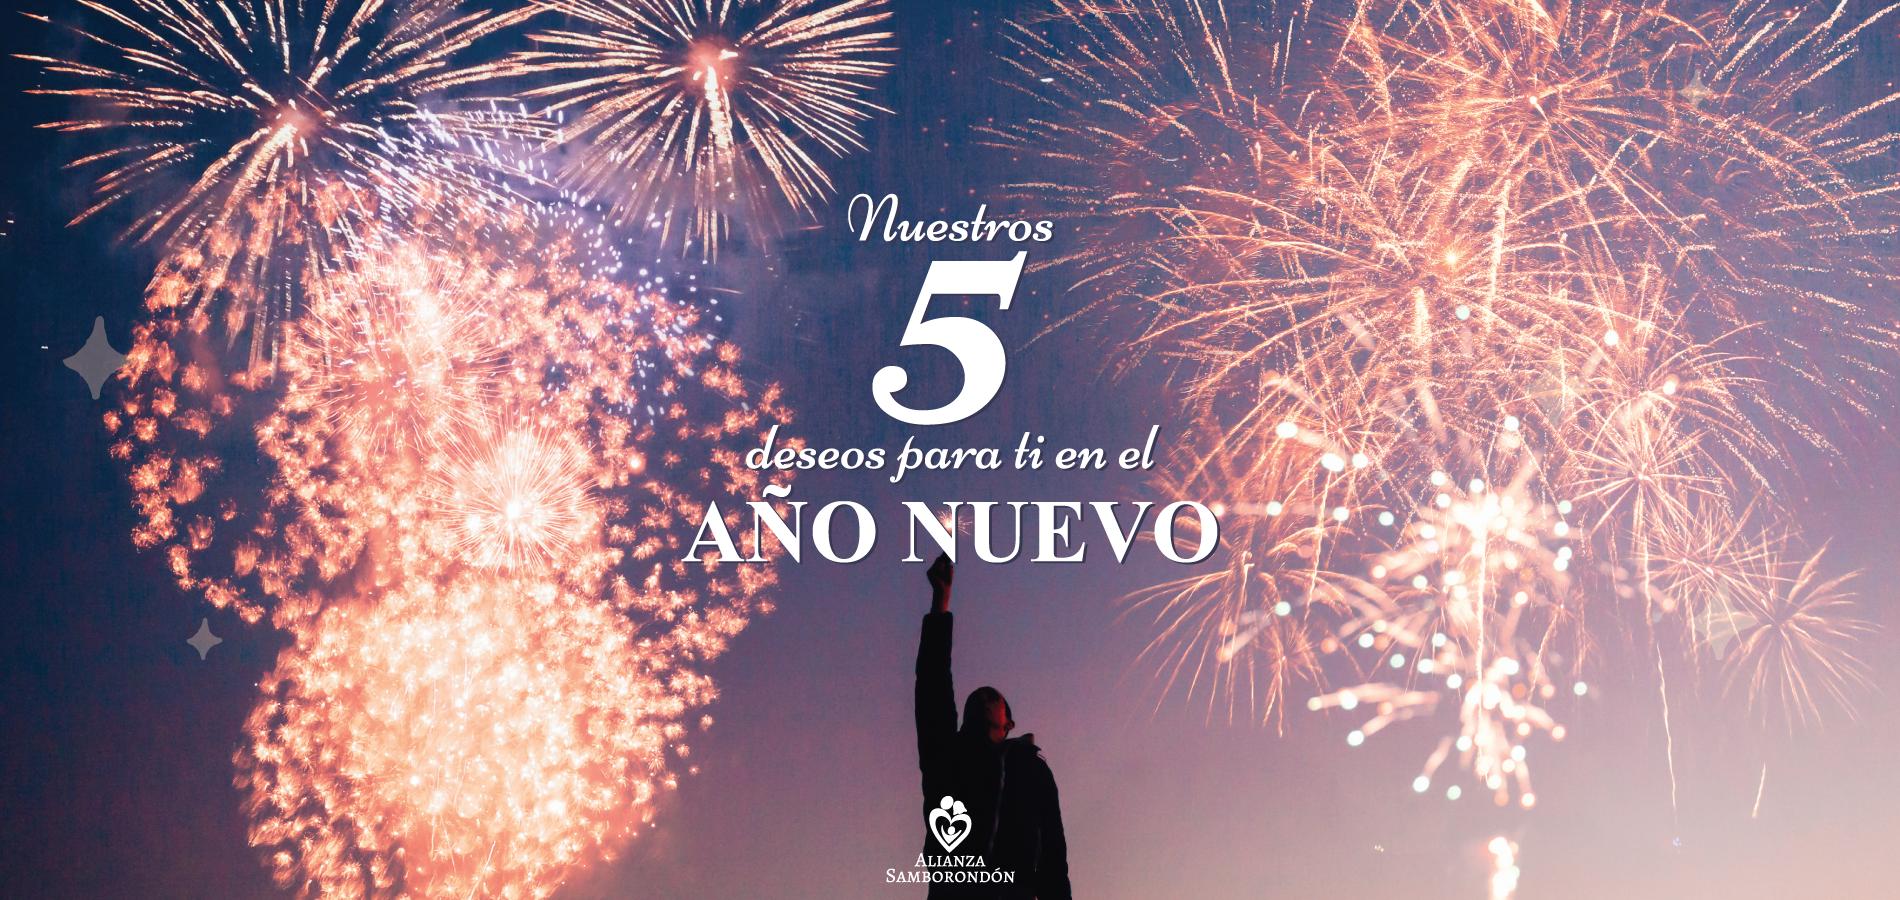 Nuestros 5 Deseos para Tí en el Año Nuevo